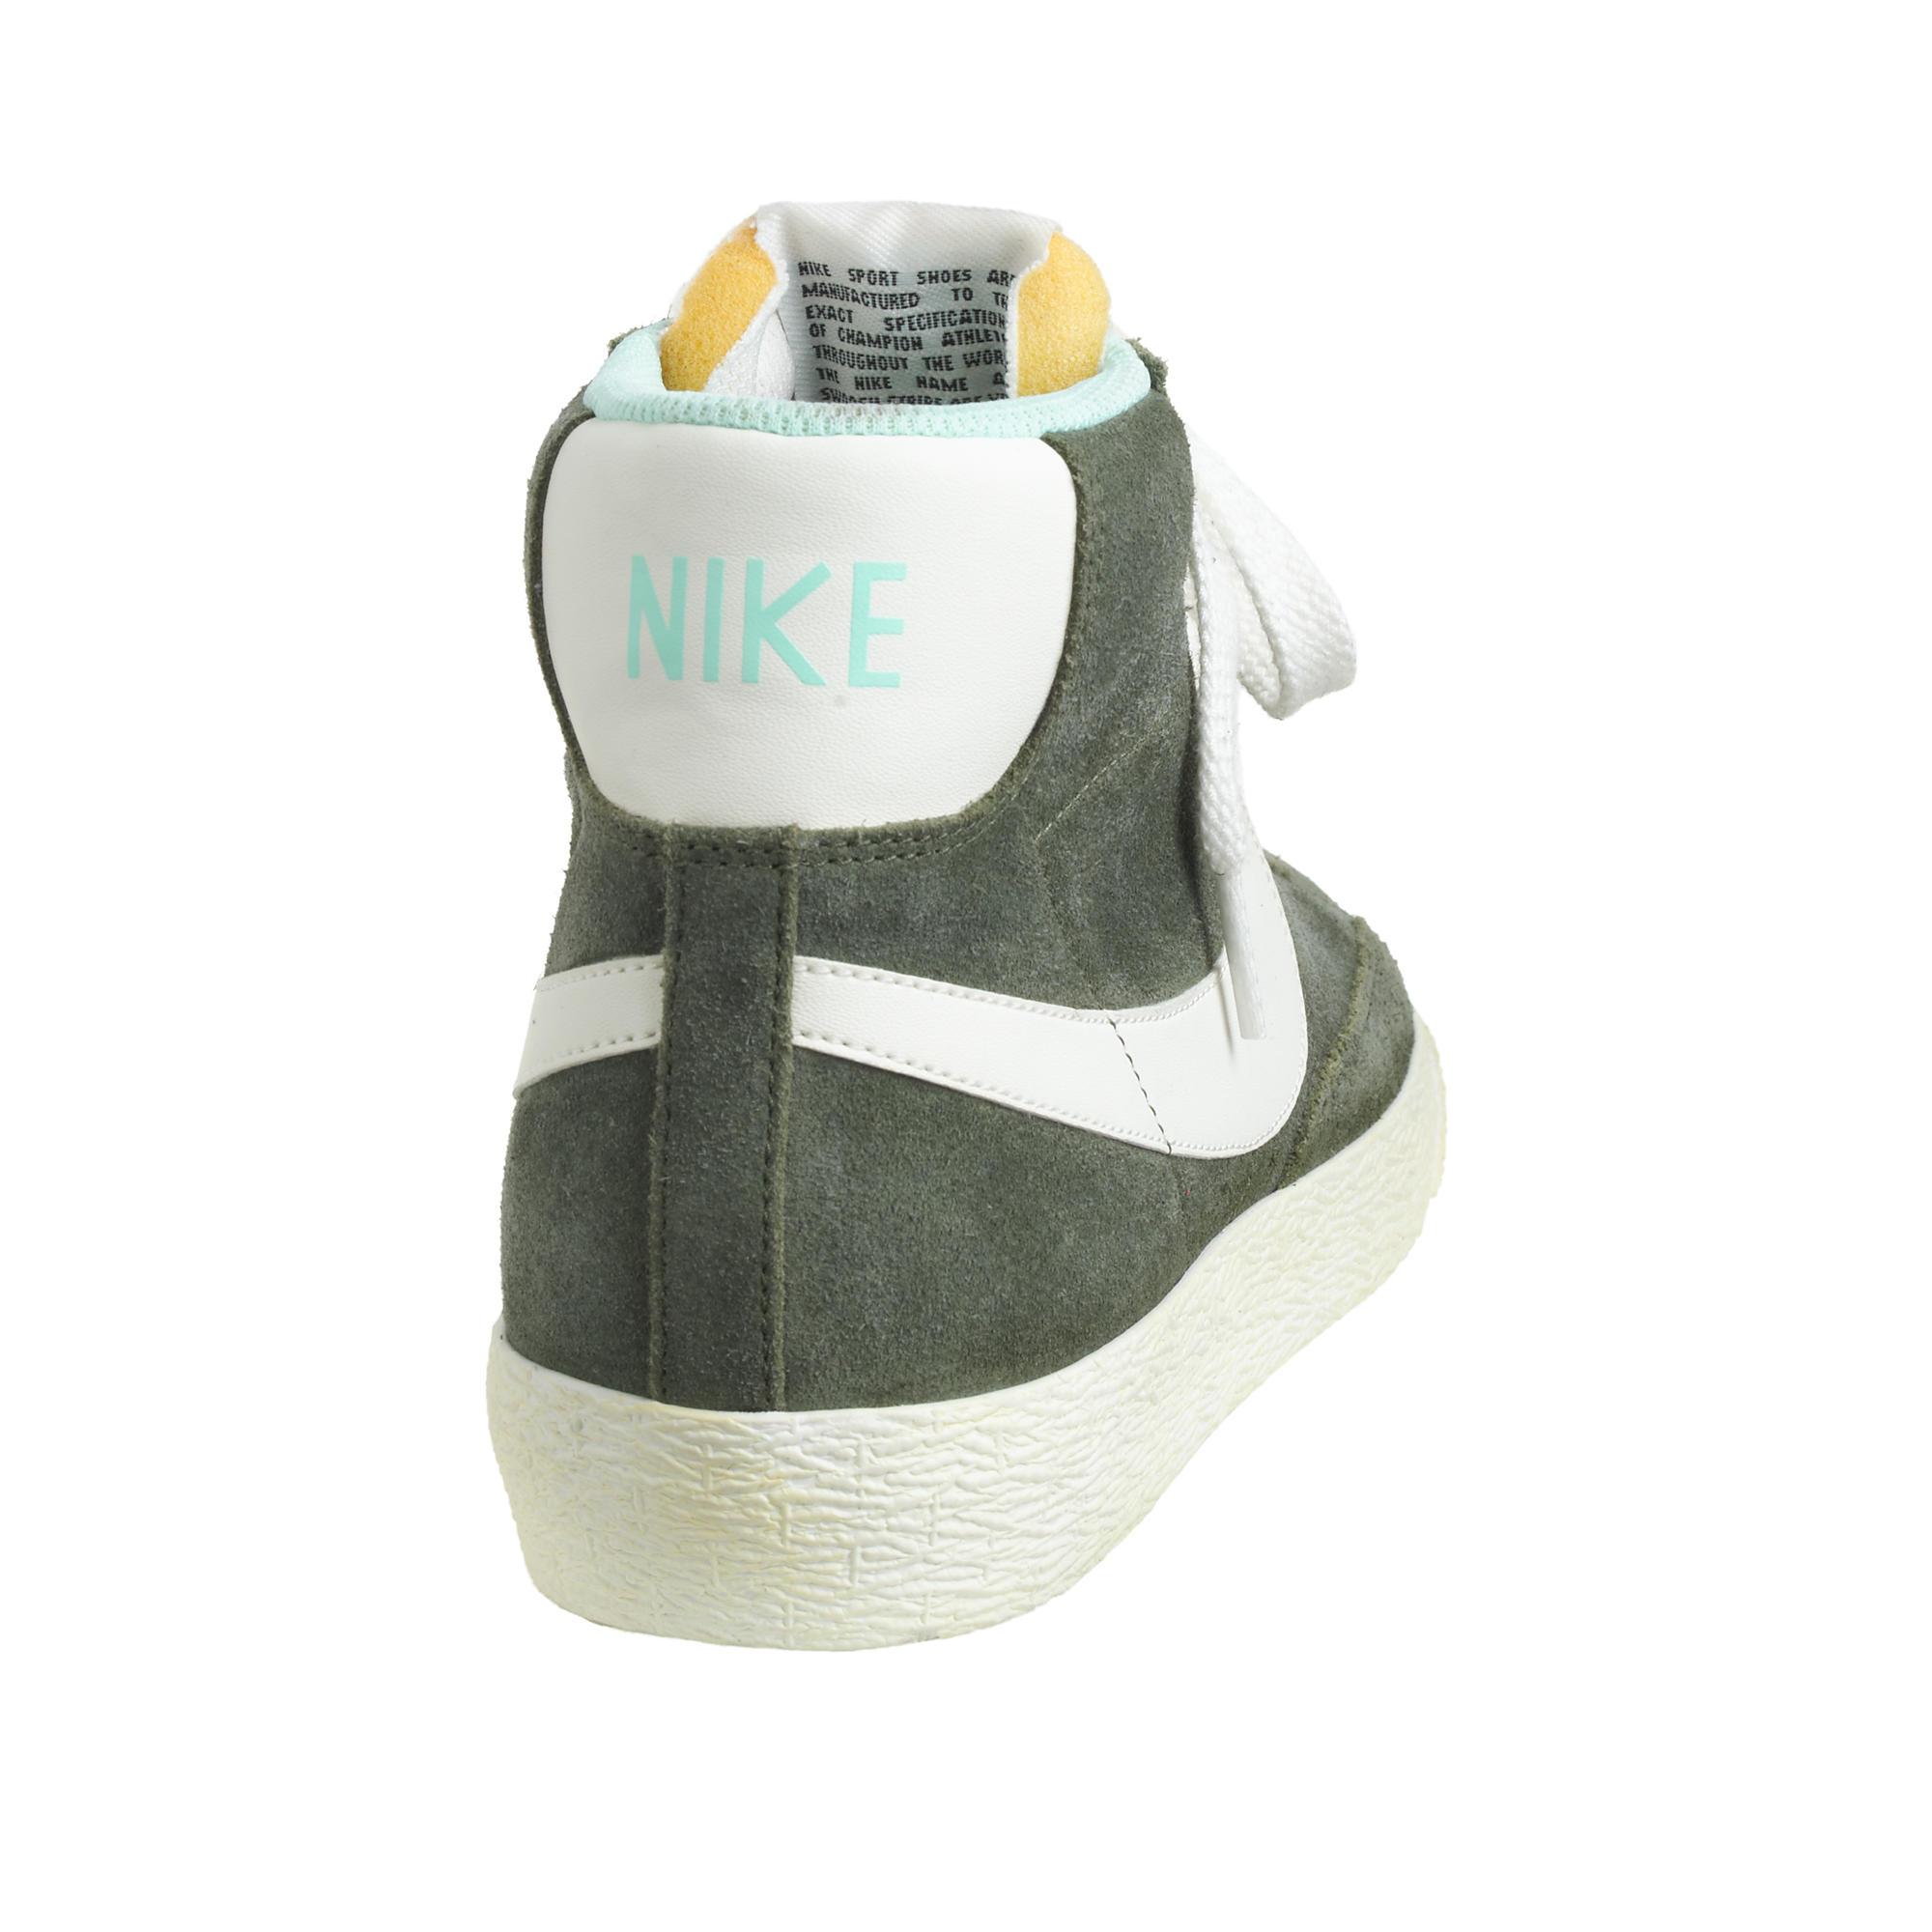 Lyst - J.Crew Women s Nike Suede Blazer Mid Vintage Sneakers in Green 1026fae74a